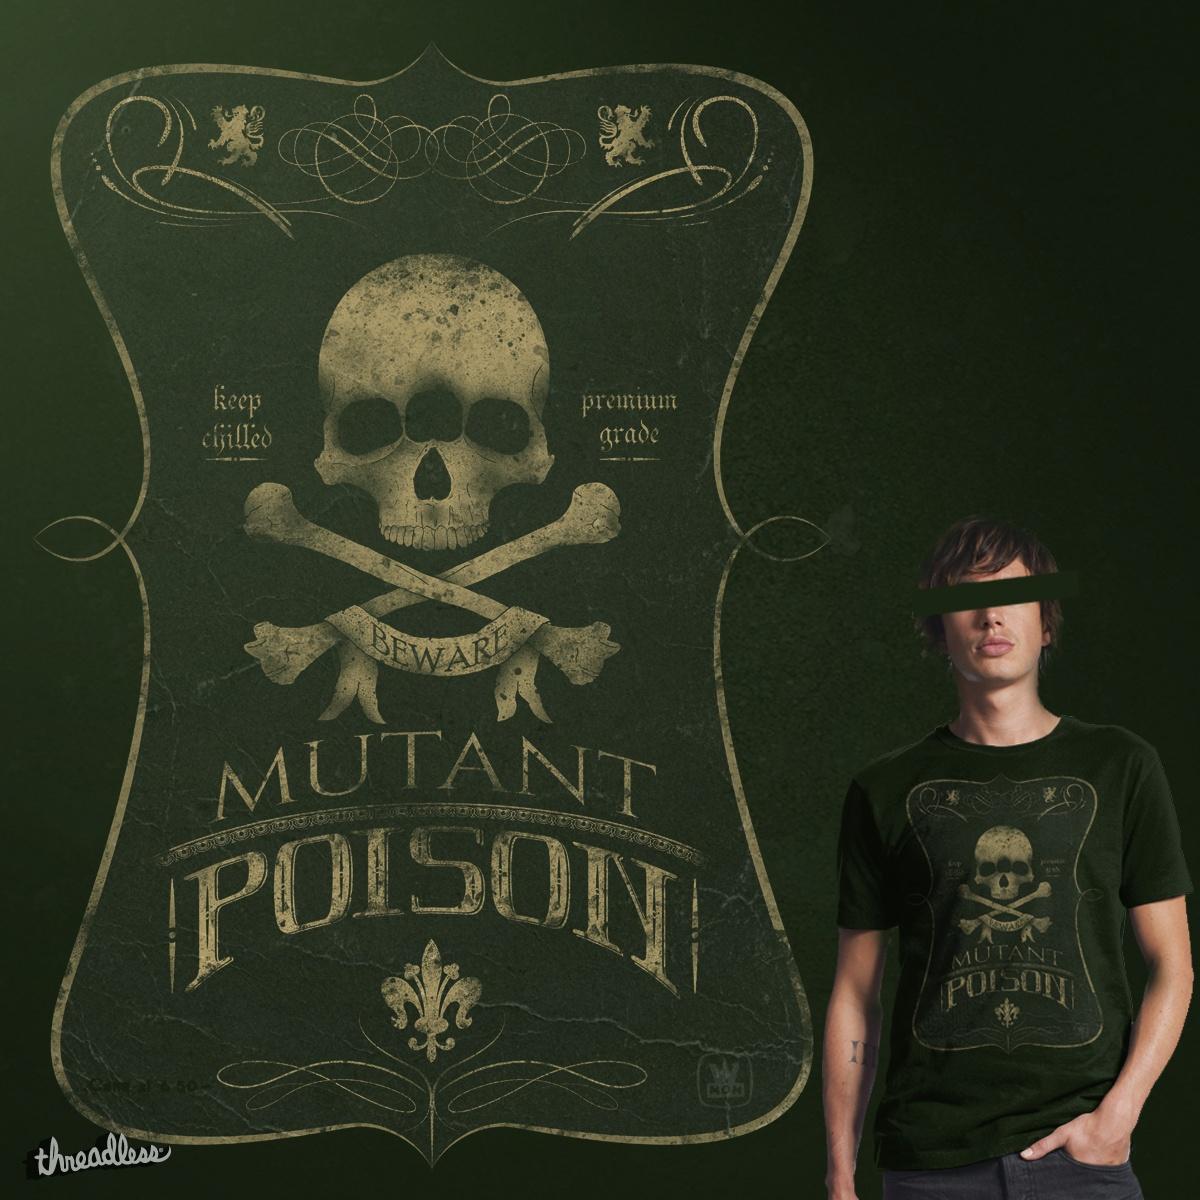 Mutant poison by sebasebi on Threadless